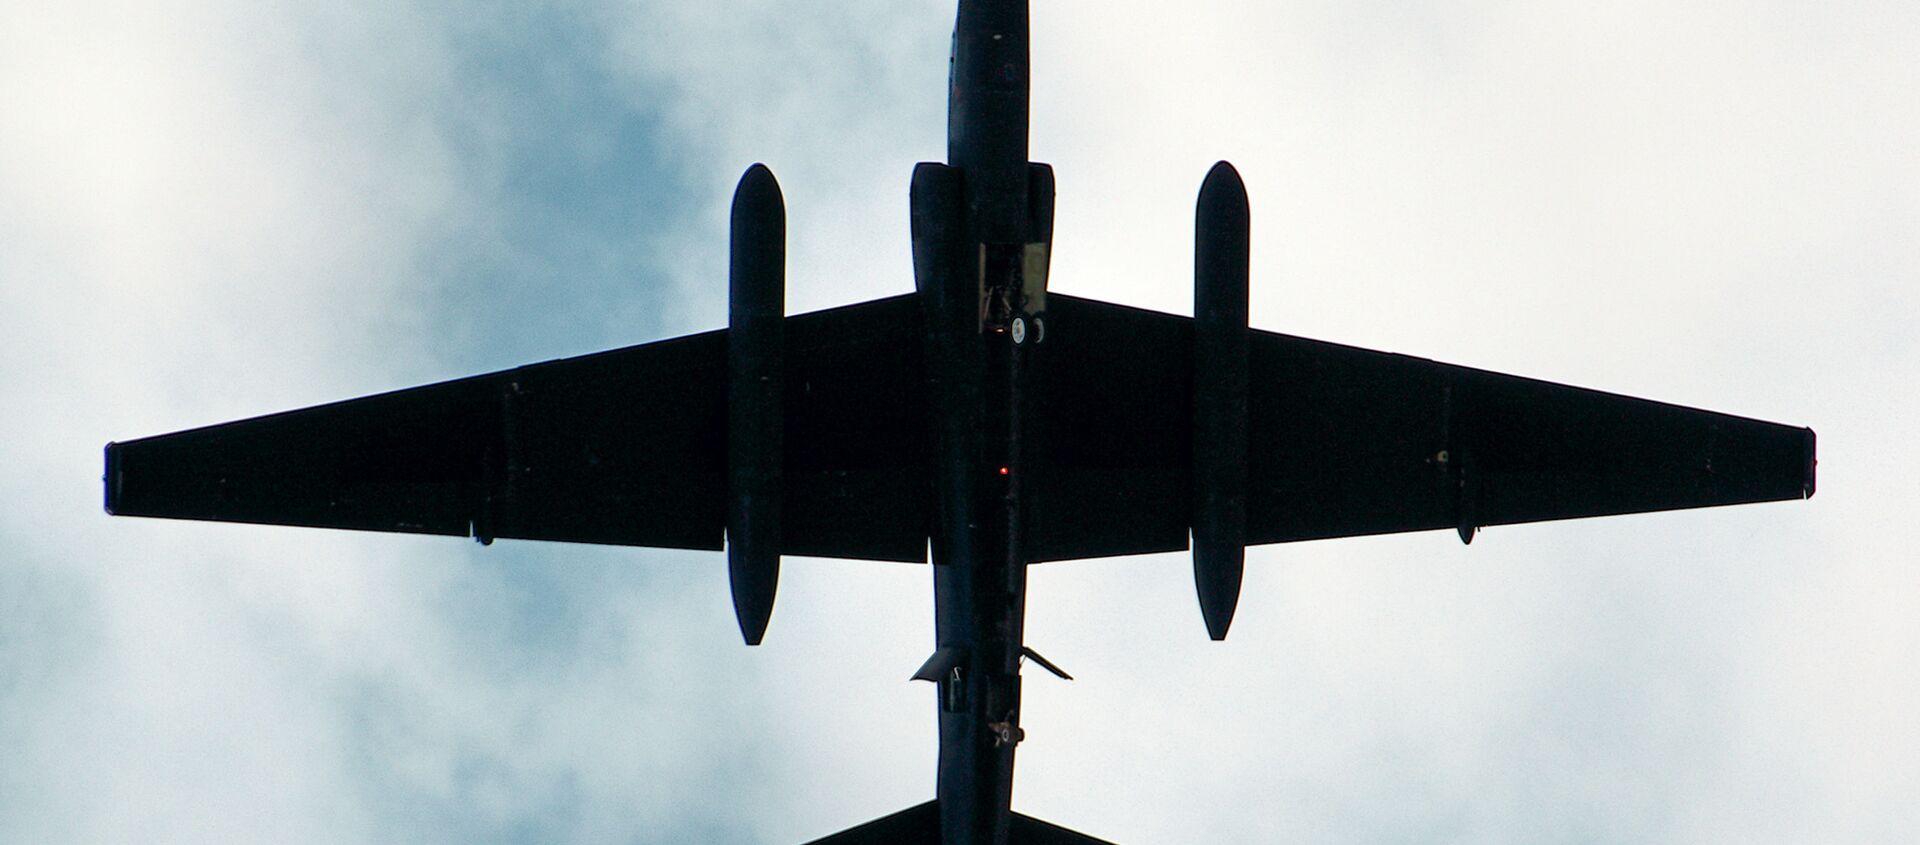 Samolot rozpoznawczy Lockheed U-2. - Sputnik Polska, 1920, 03.05.2021